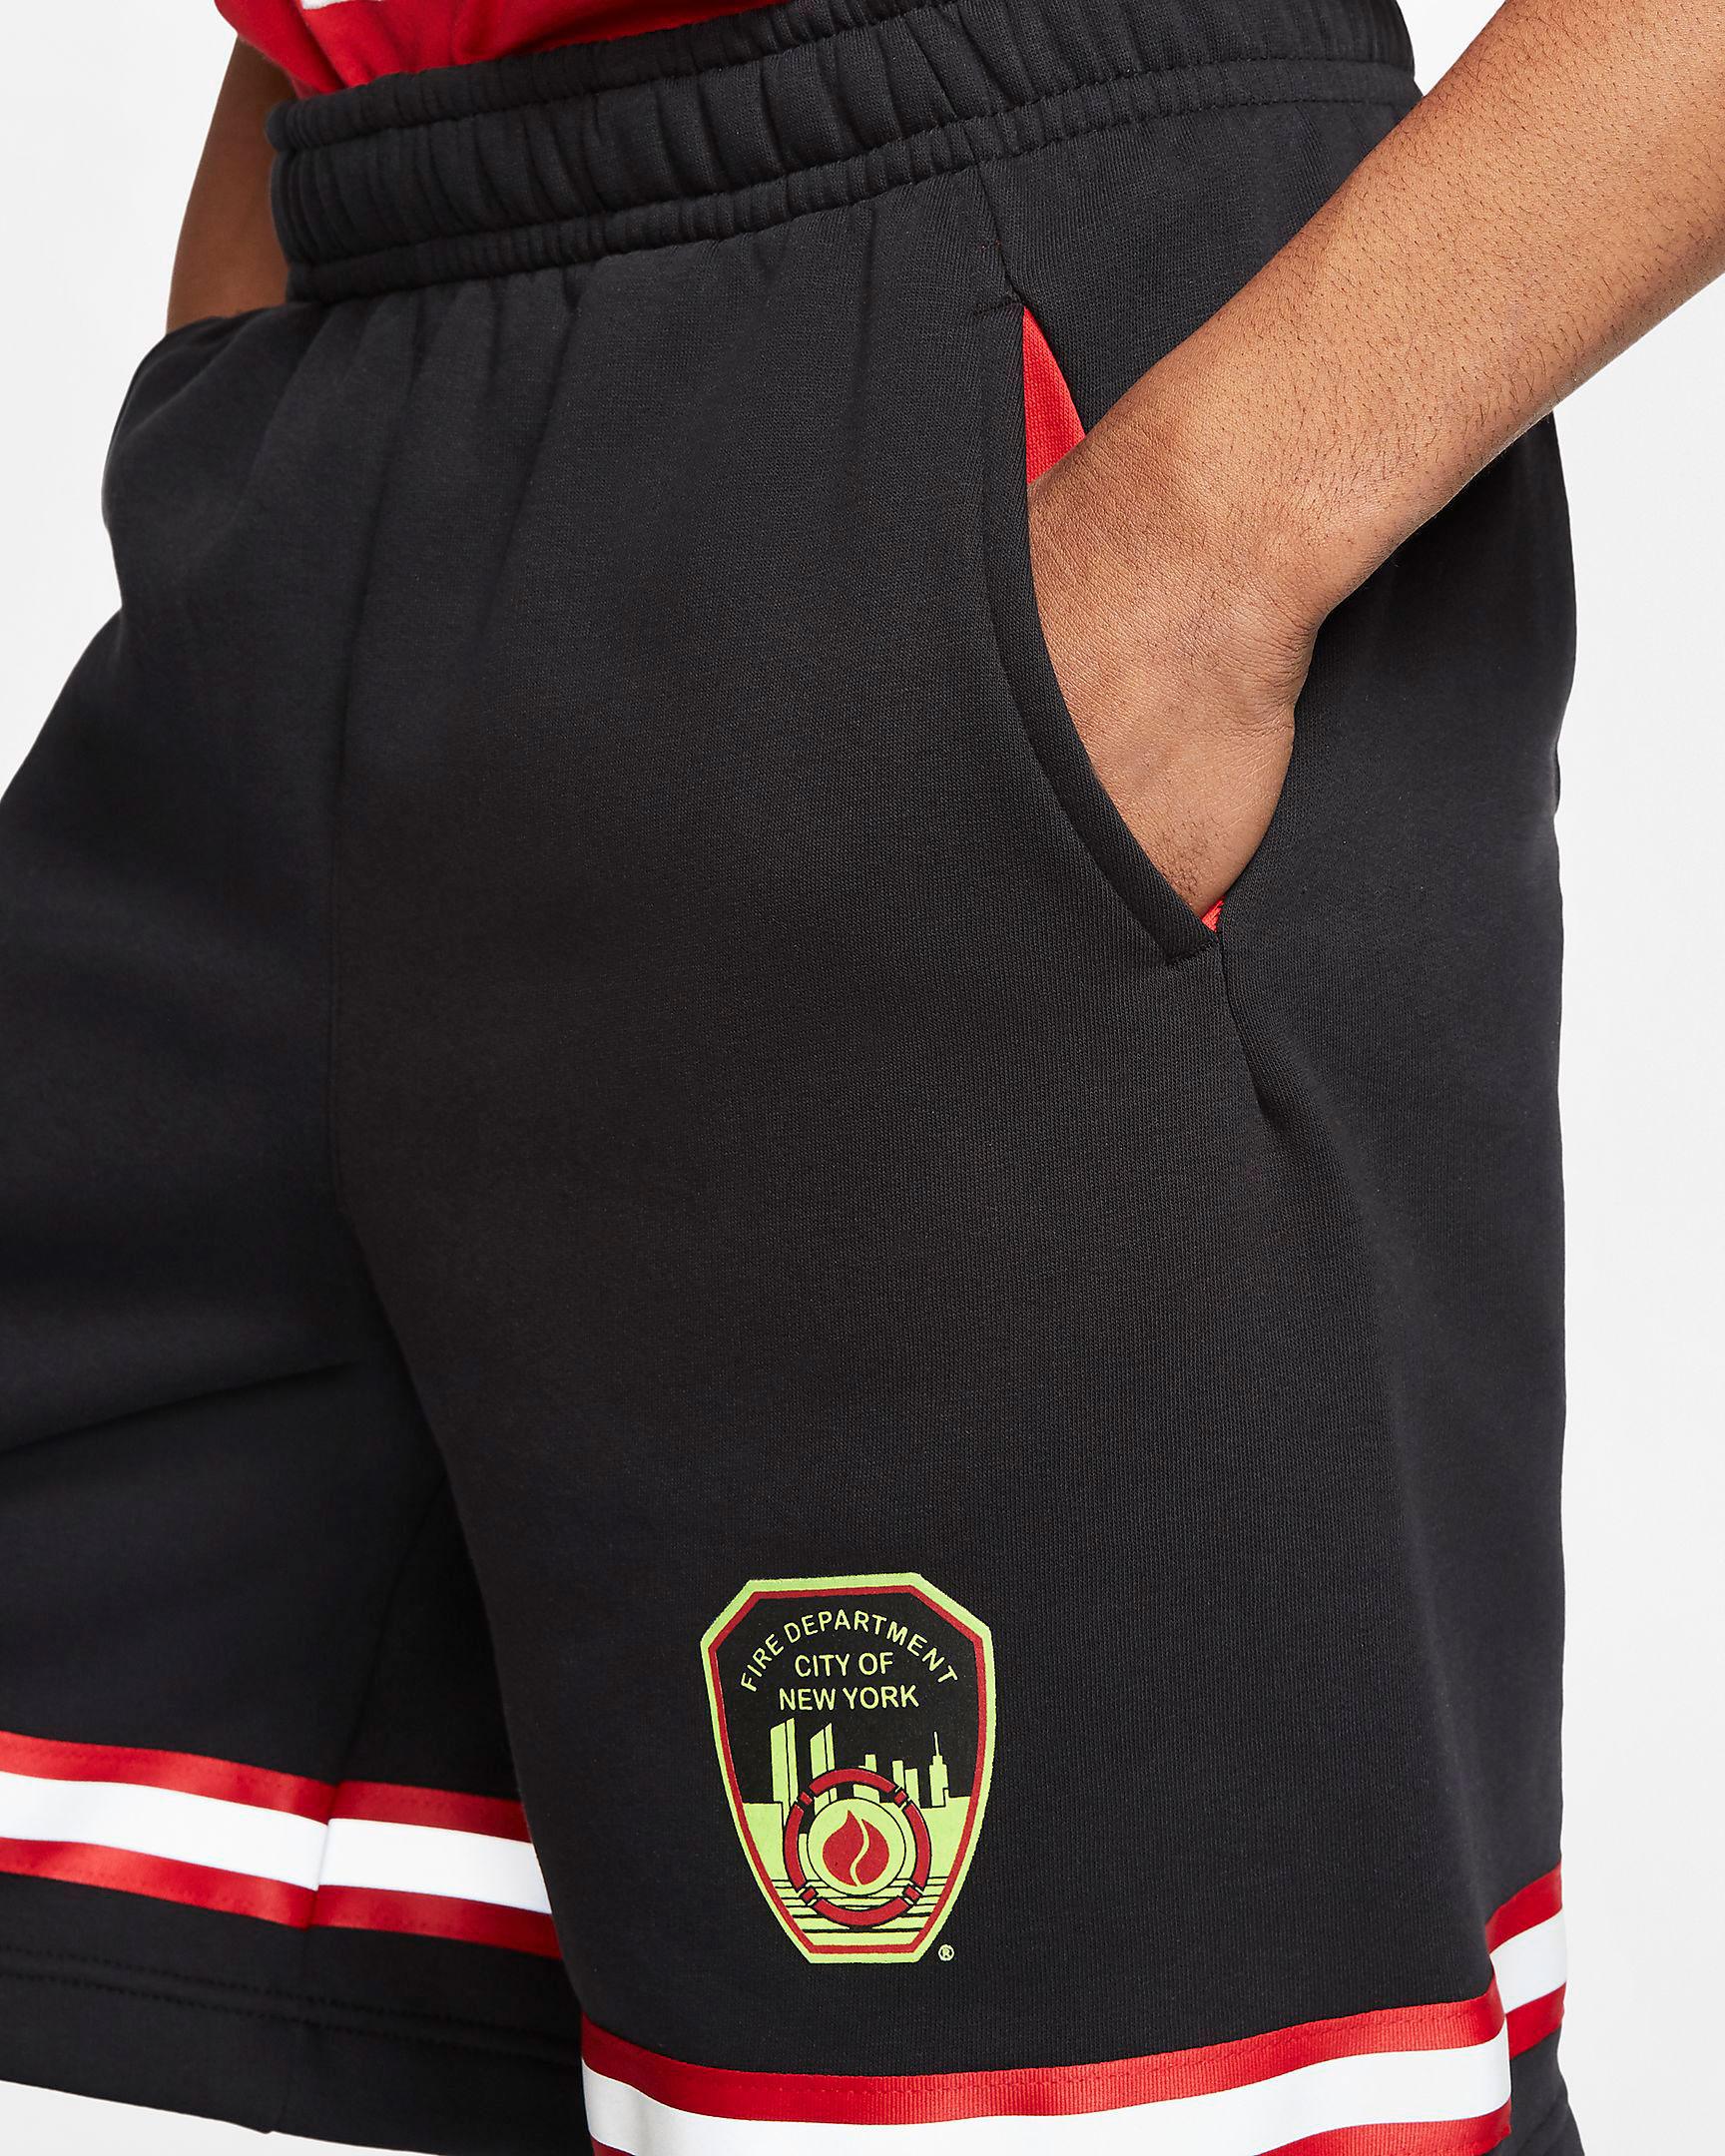 nike-fdny-shorts